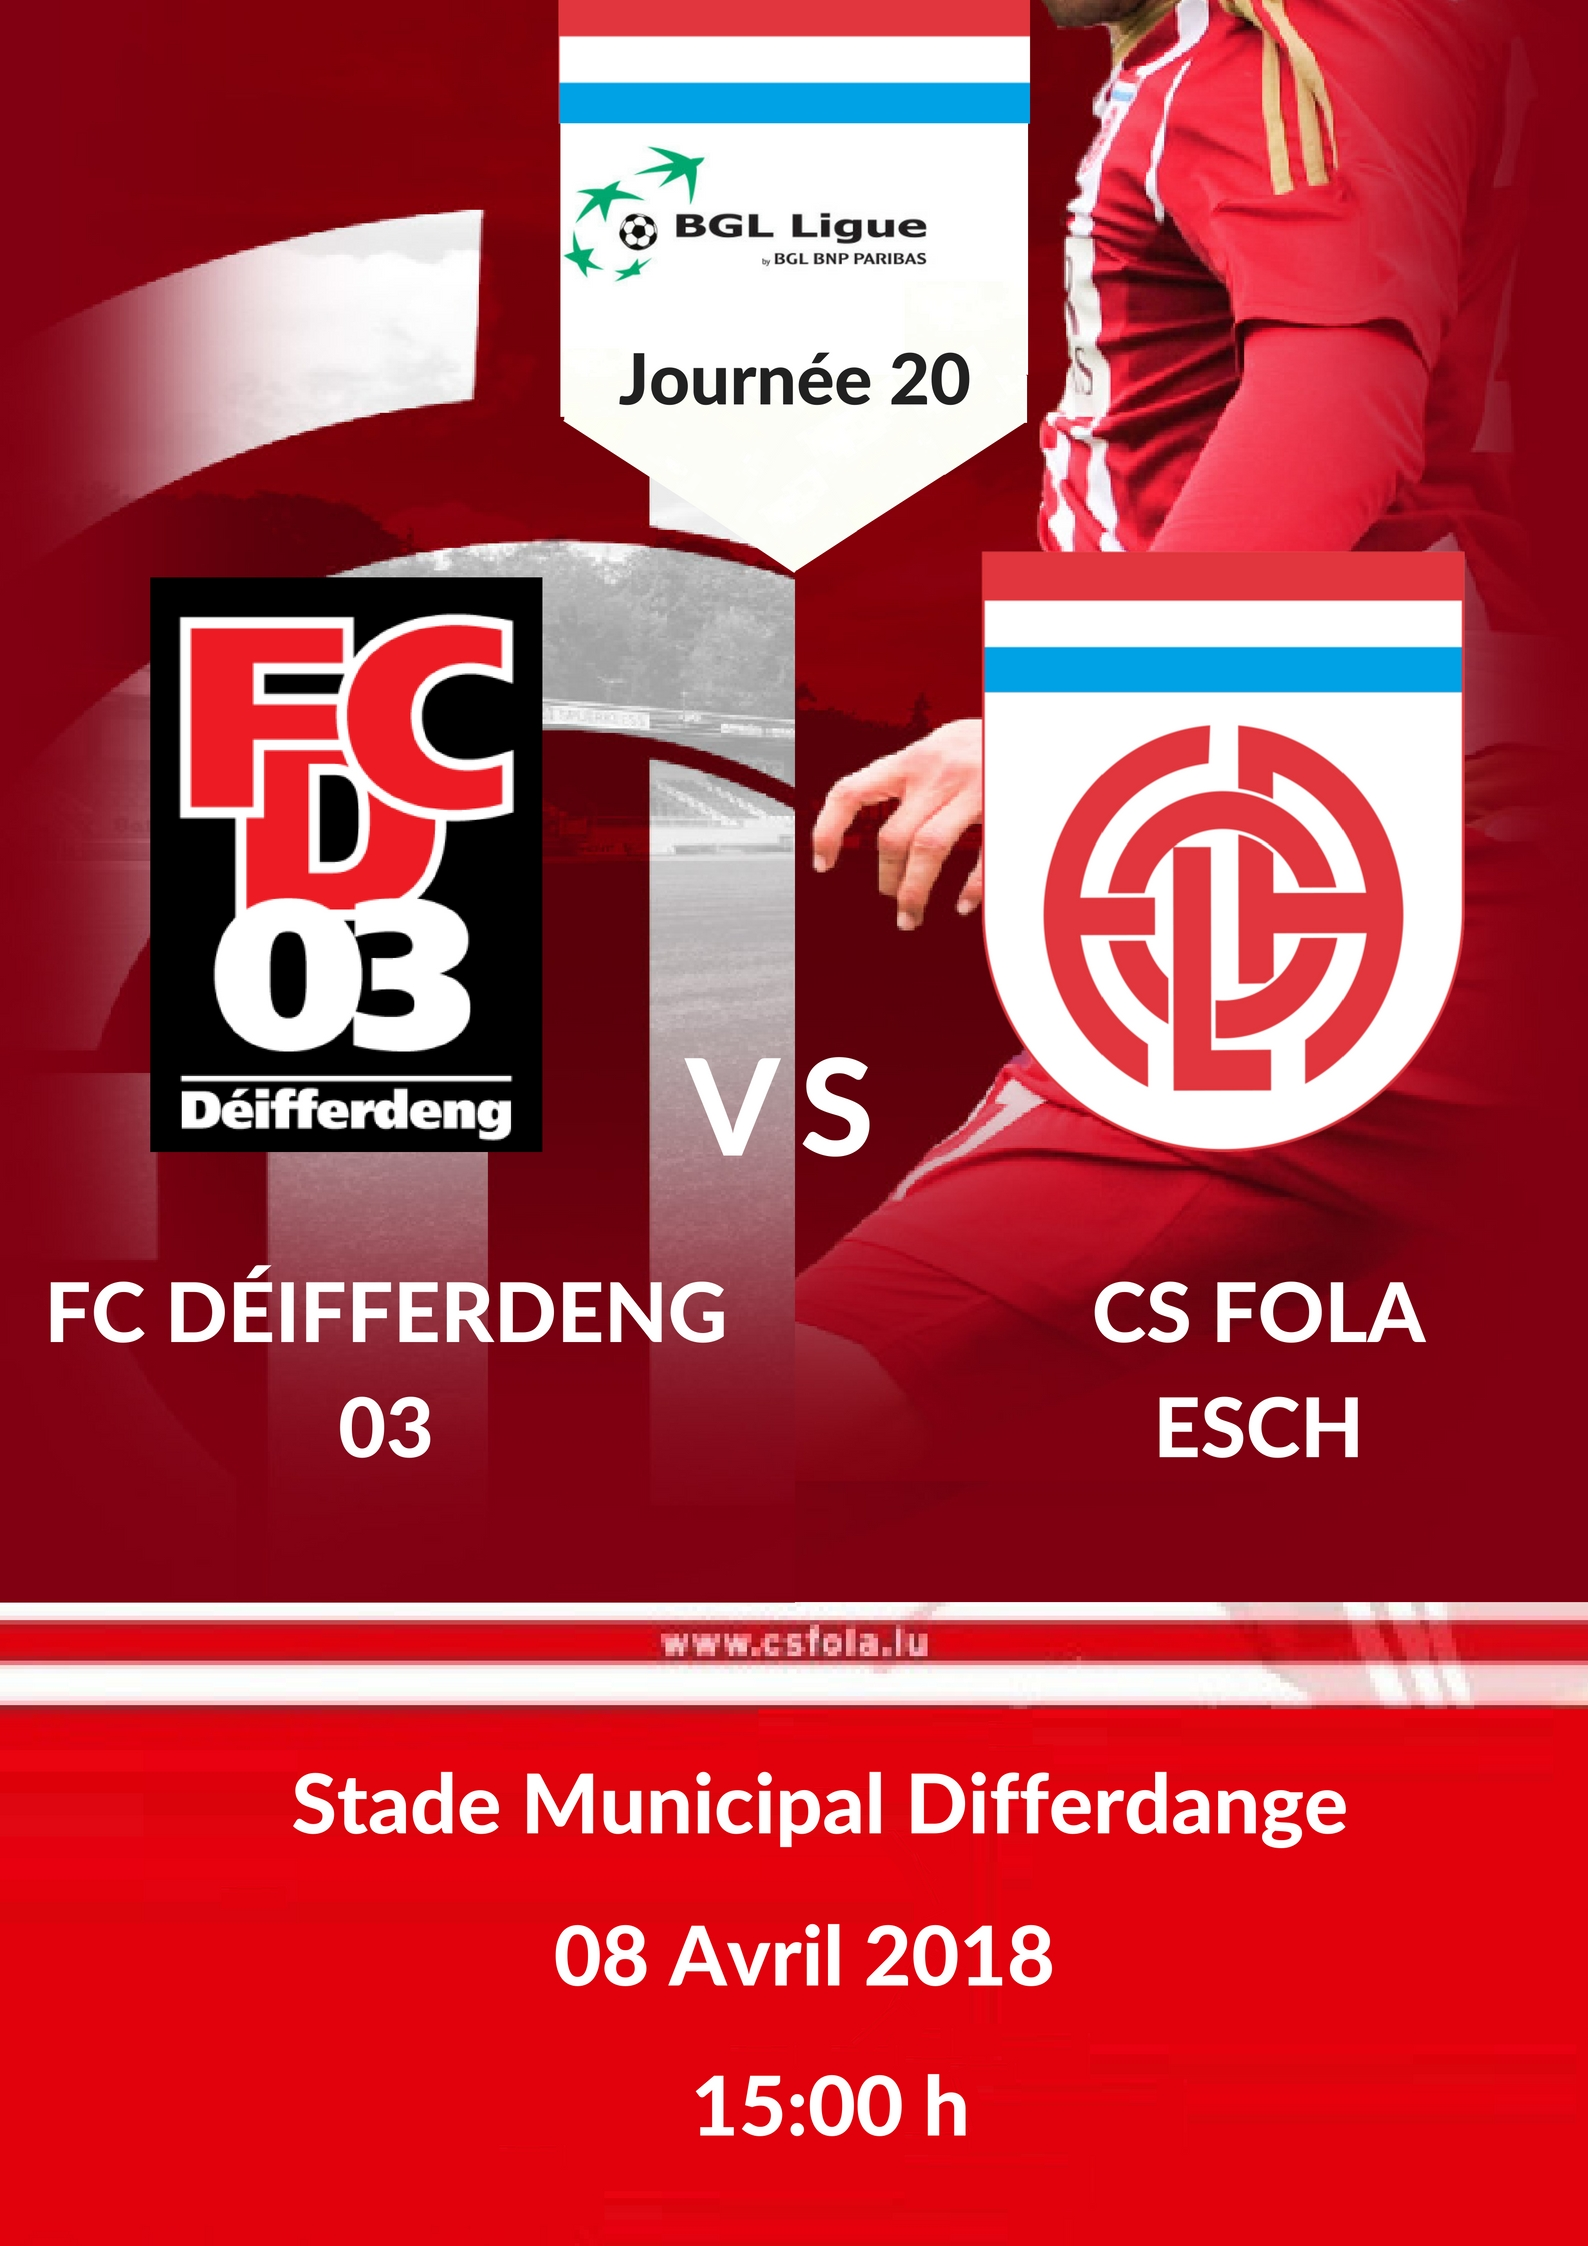 FCD03 vs CS FOLA